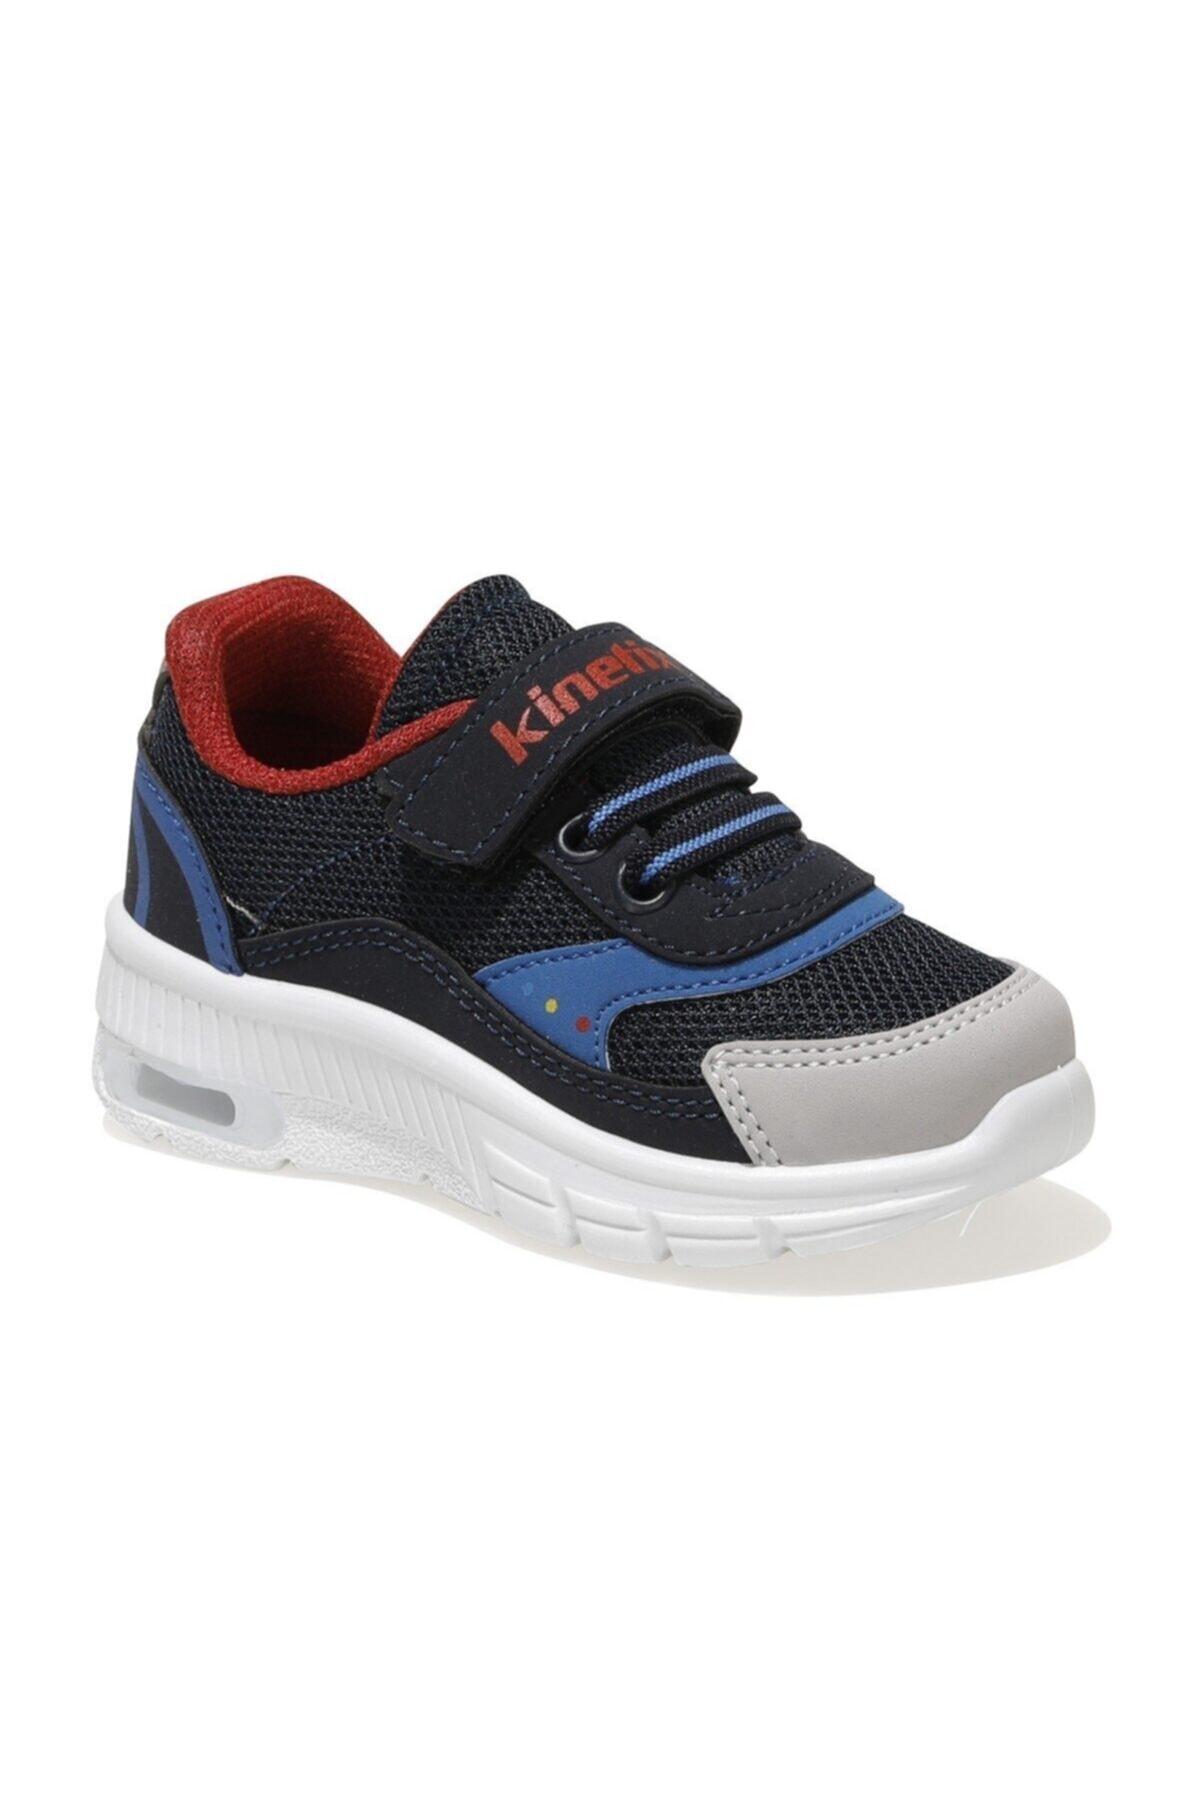 VXAR 1FX Lacivert Erkek Çocuk Spor Ayakkabı 100606332